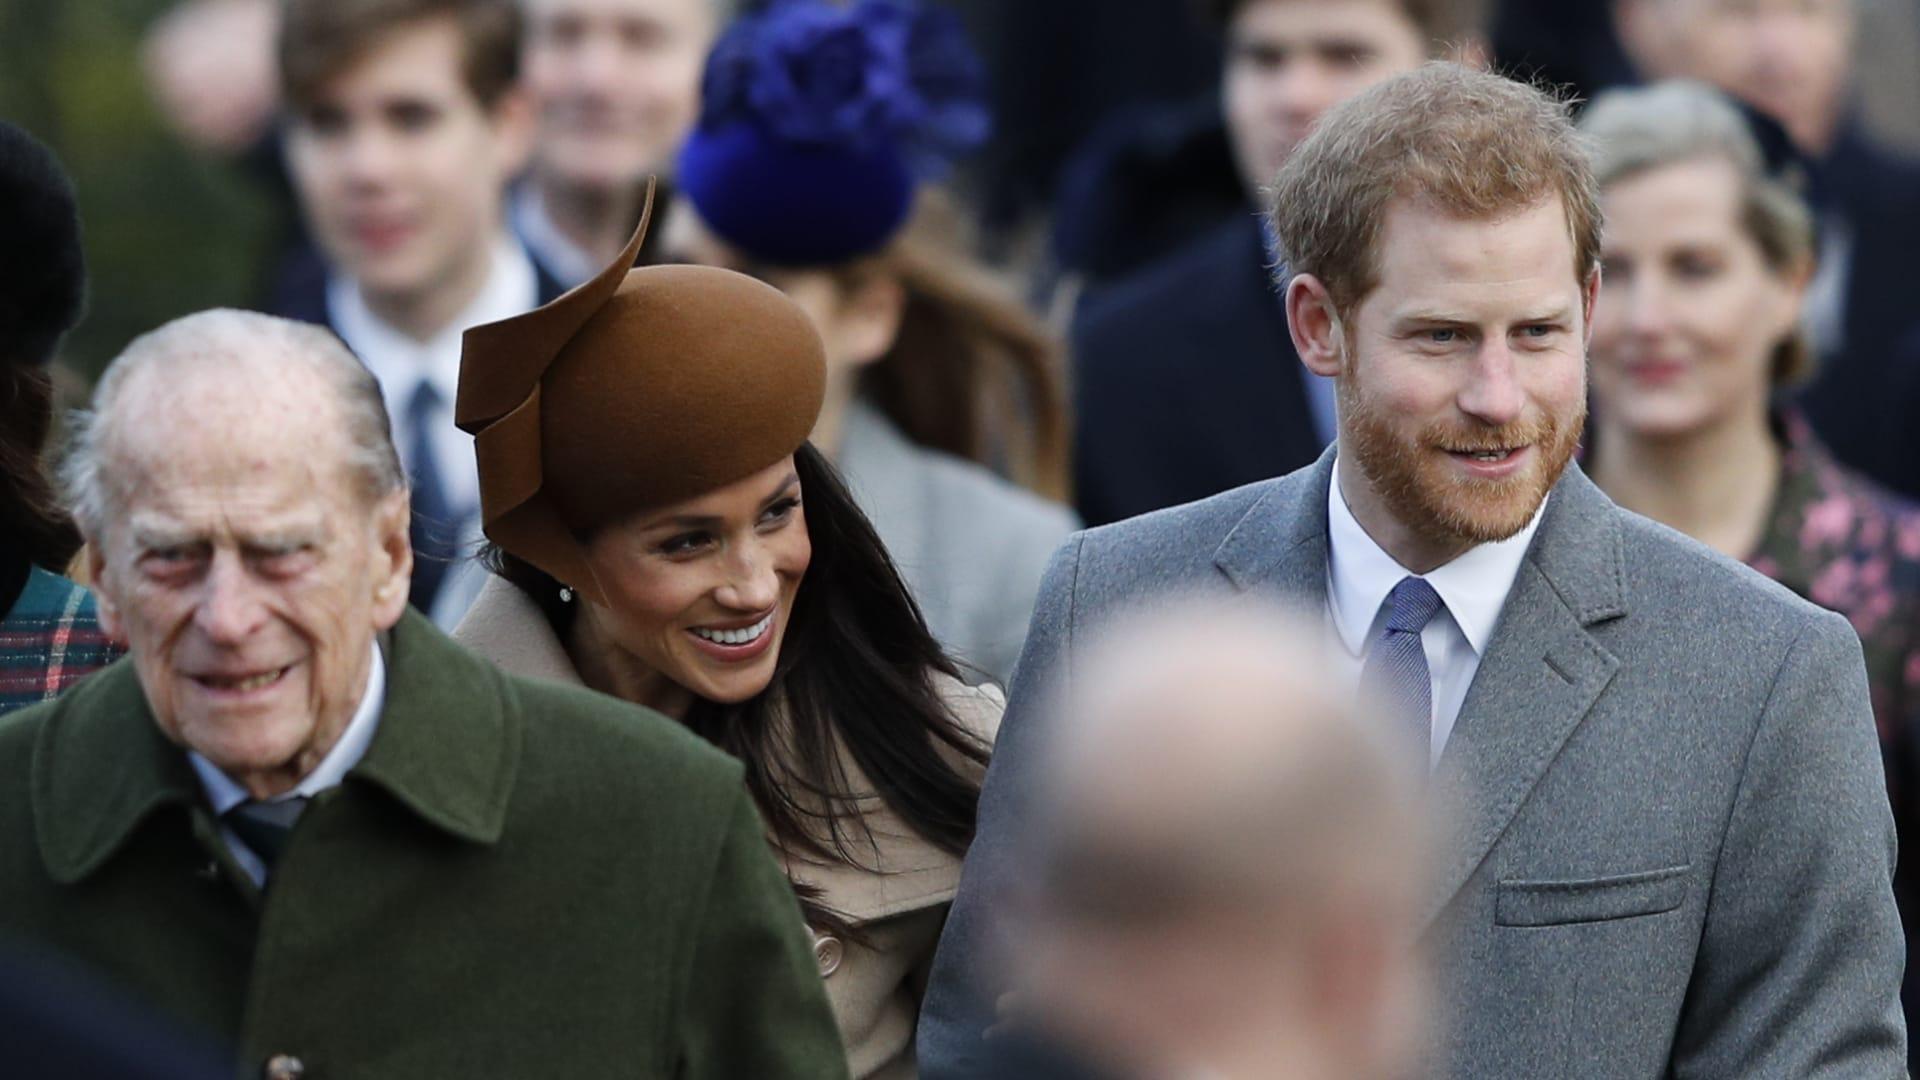 أول تعليق من الأمير هاري وميغان ماركل على وفاة الأمير فيليب